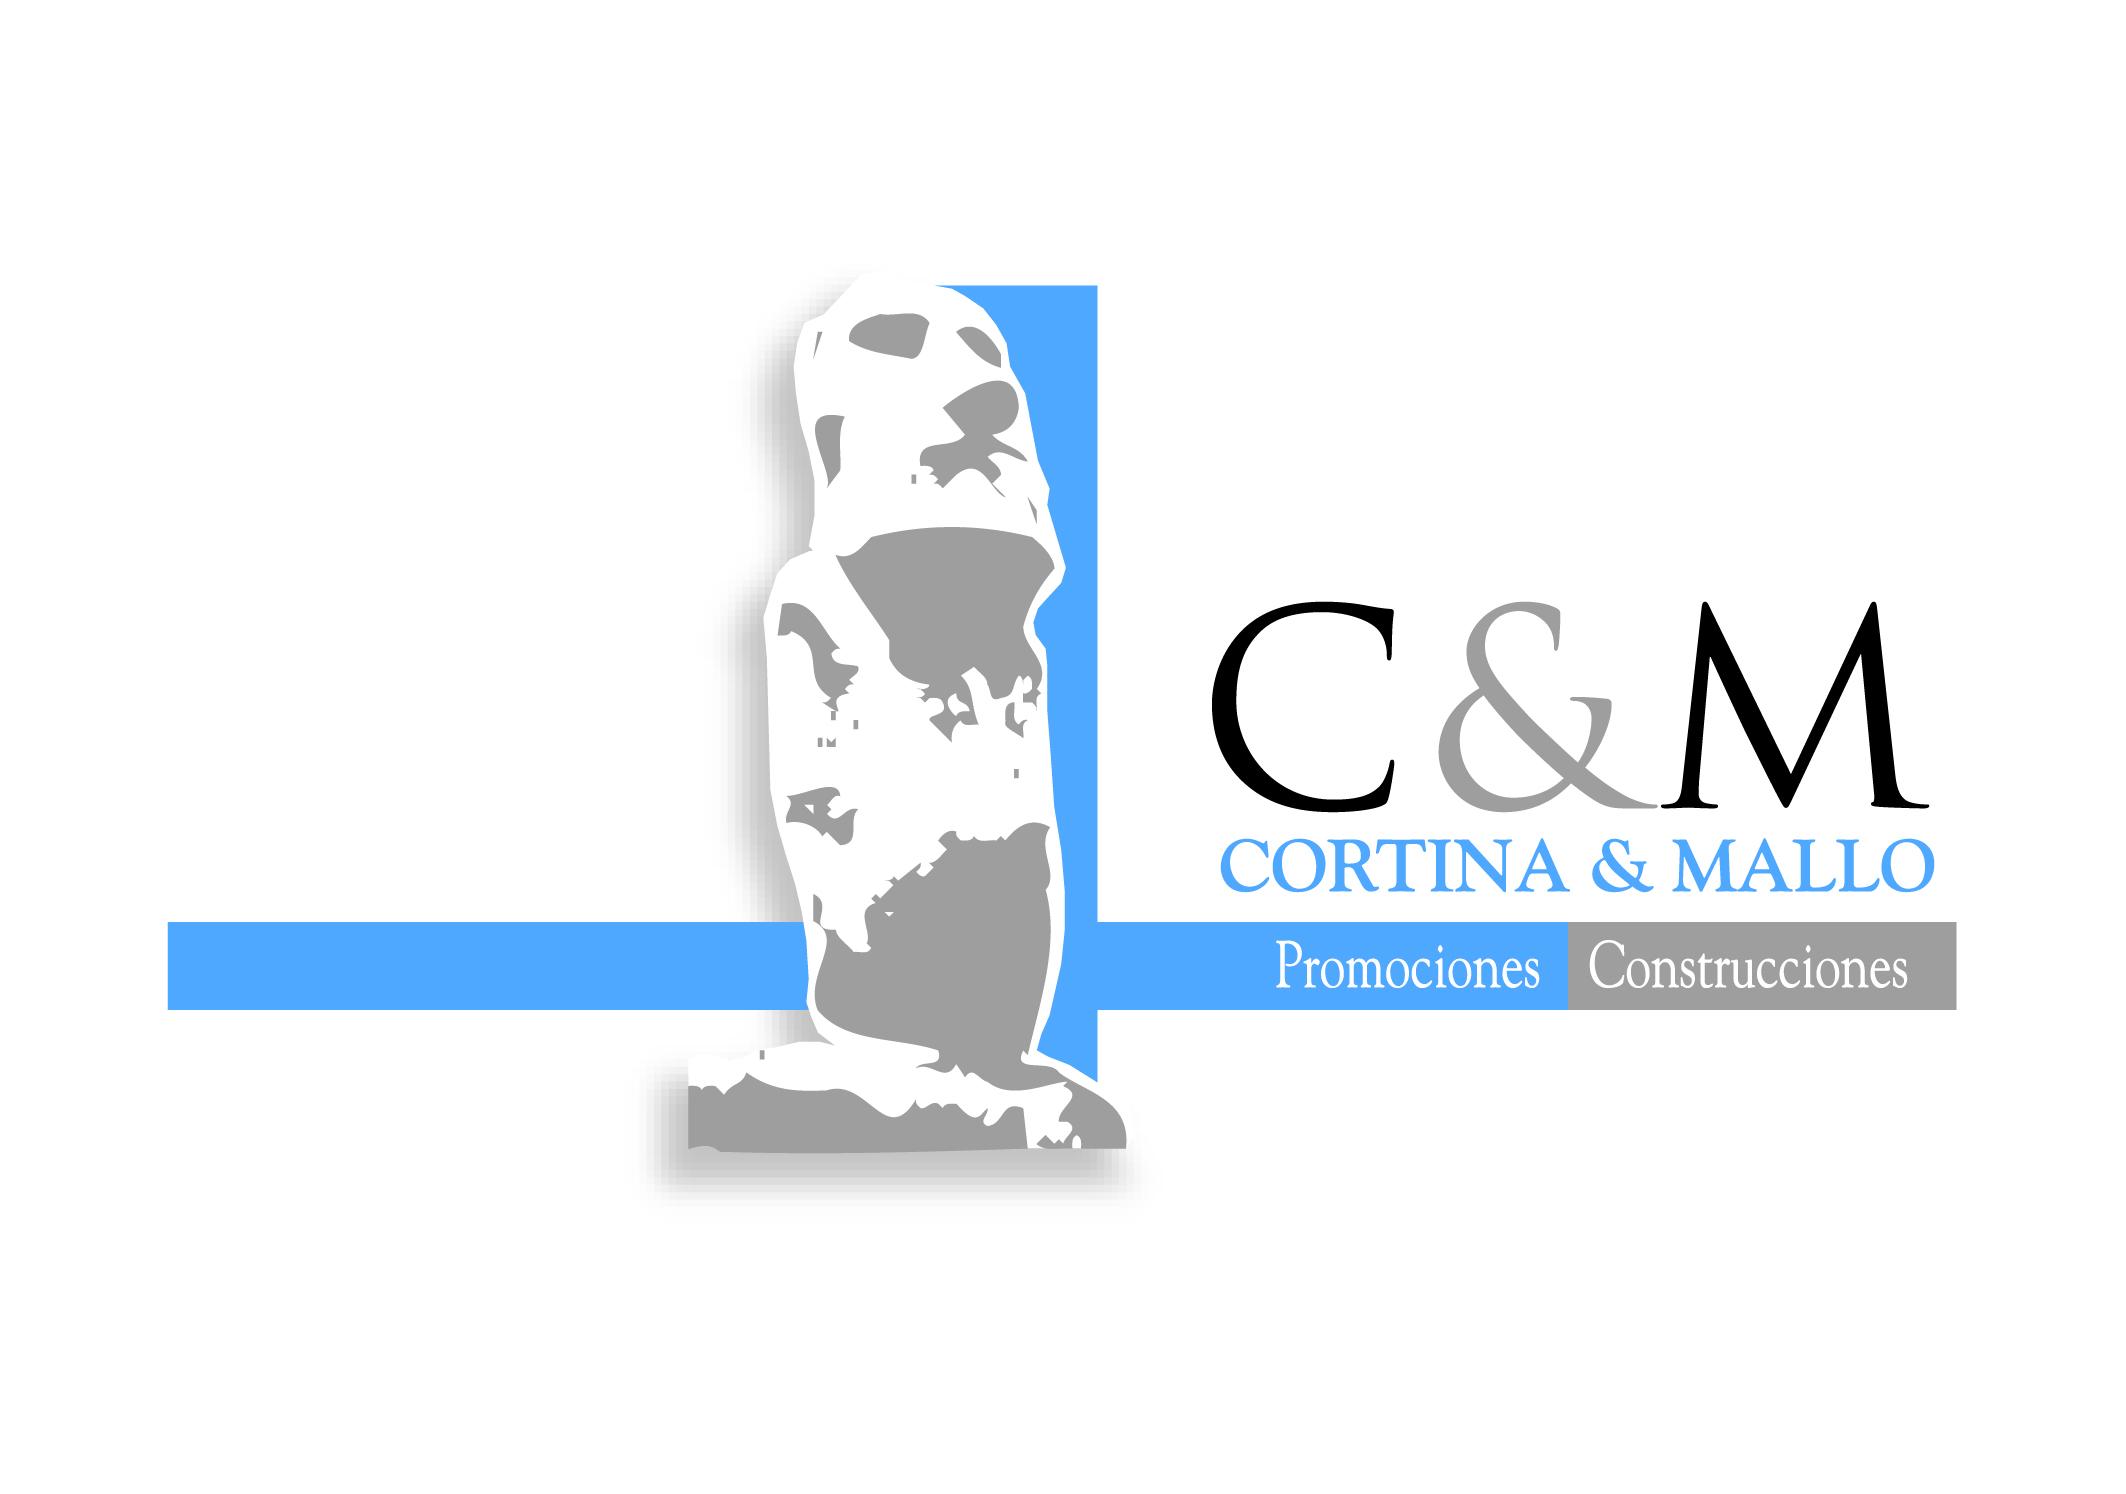 Cortina y mallo s a cat logo de la industria de la construcci n asturiana - Empresas construccion asturias ...